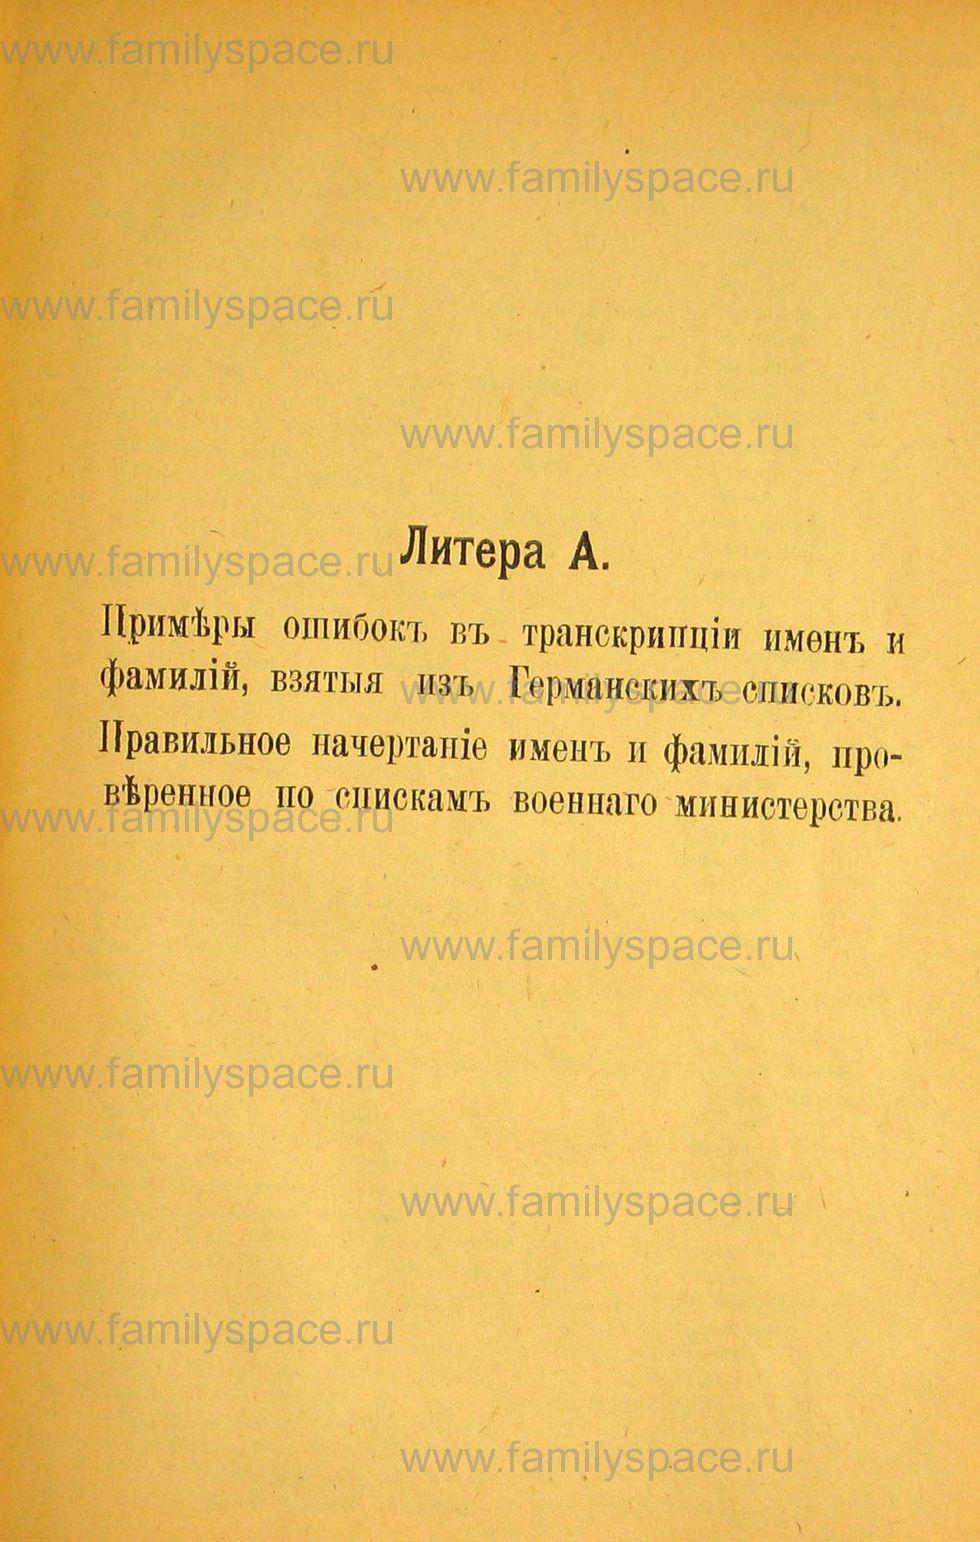 Поиск по фамилии - Списки русских военнопленных (из Германии) - 1917, страница 21